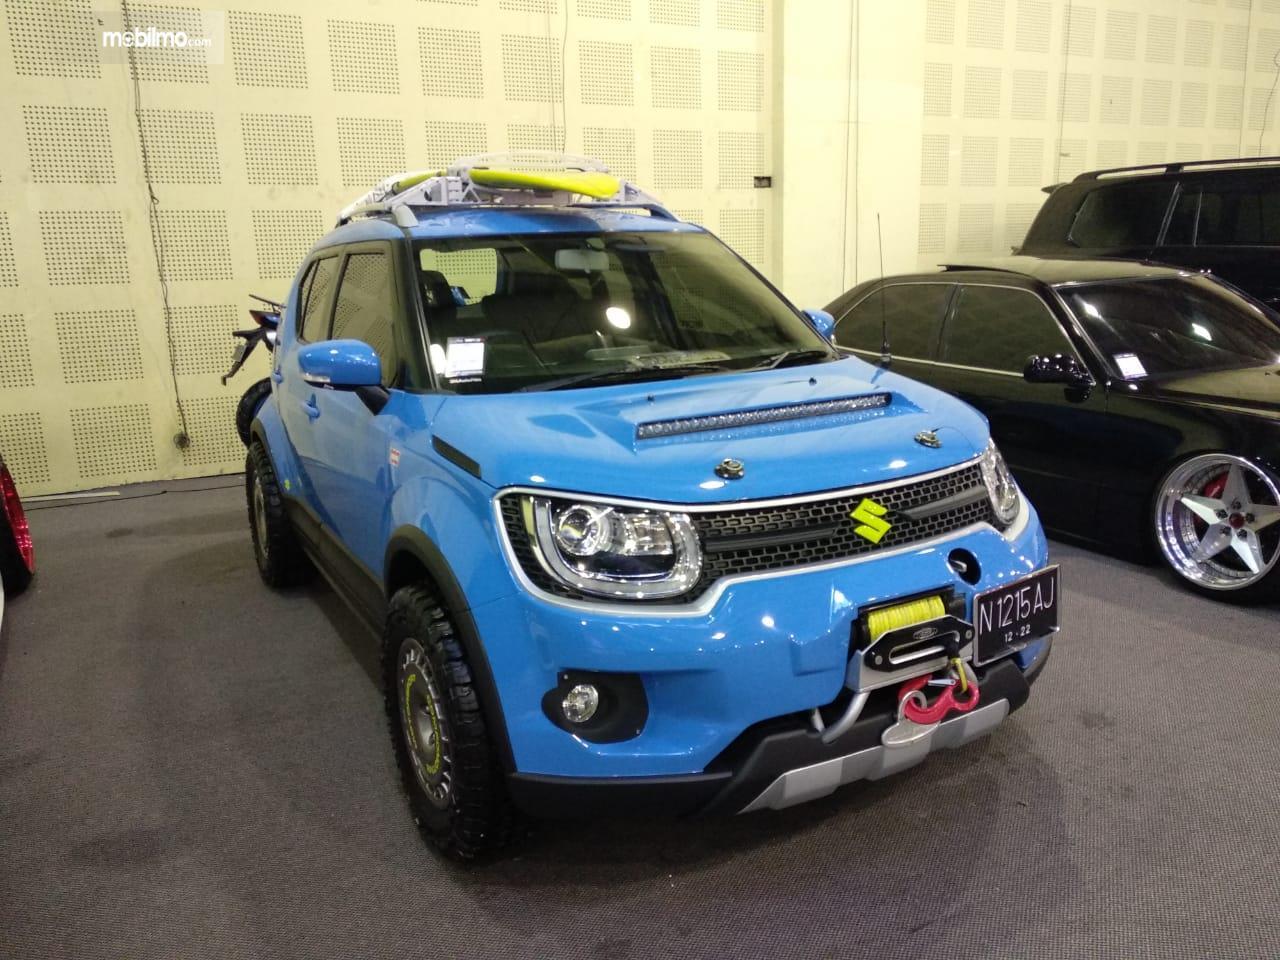 Gambar mobil biru hasil modifikasi dari IMX 2018